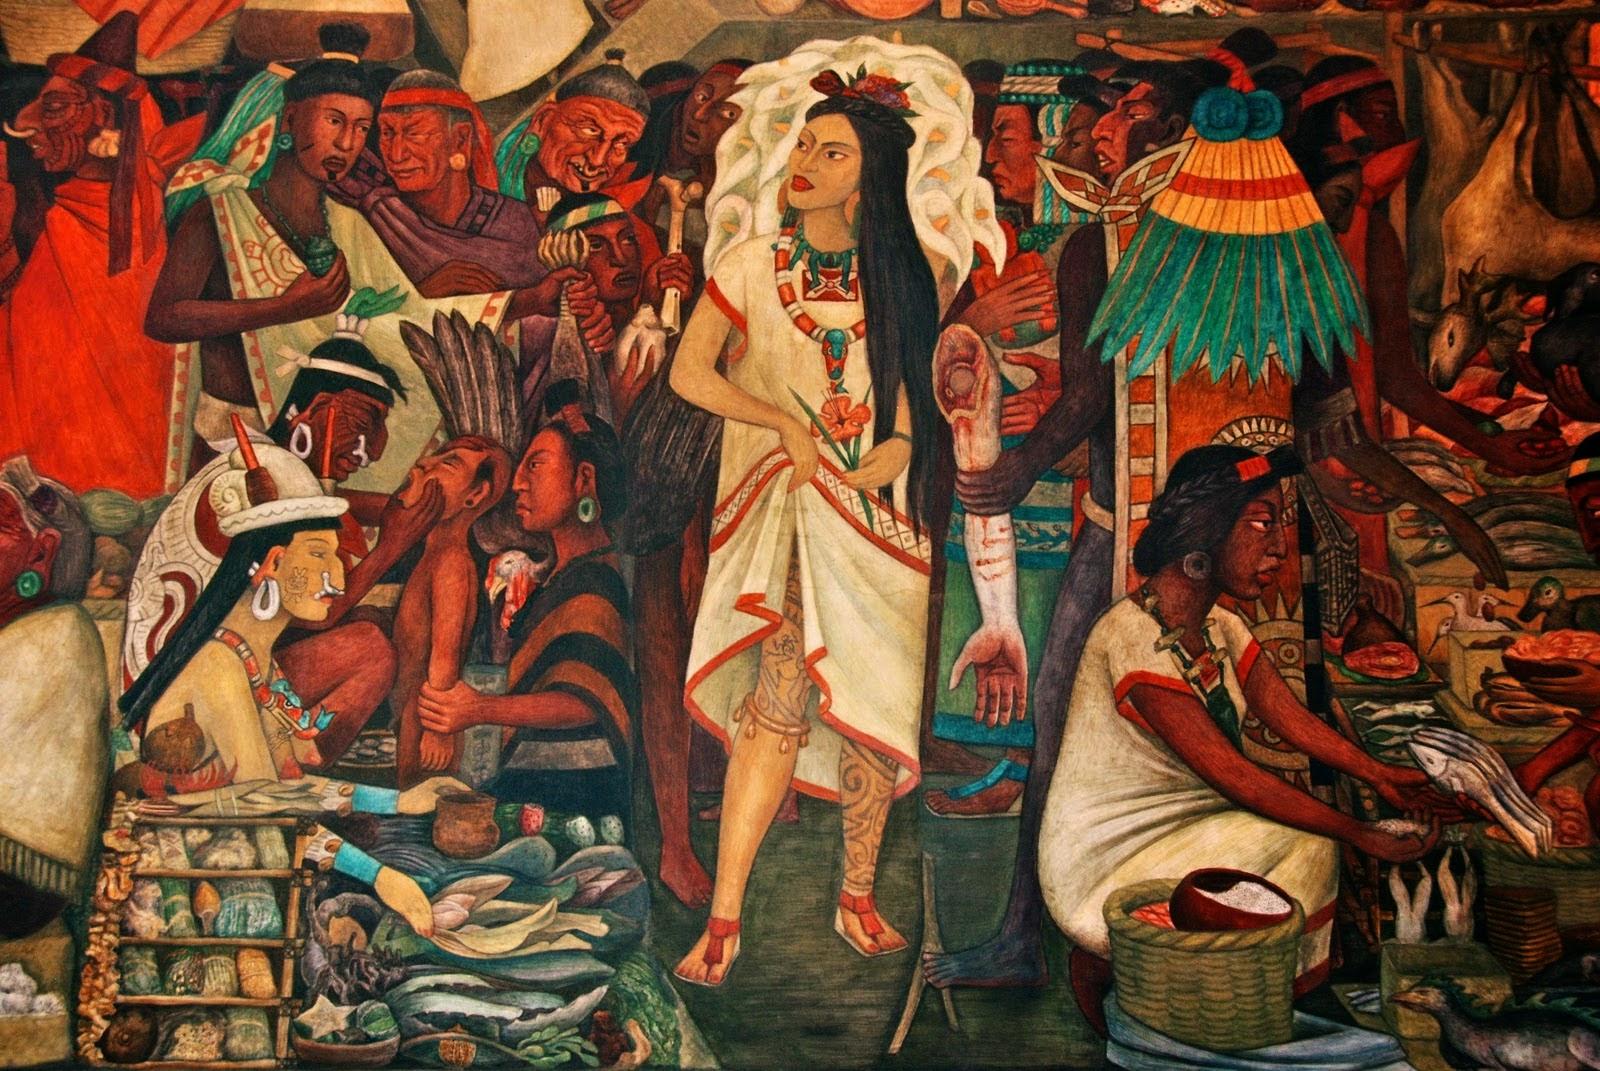 Doña Marina, La Malinche.